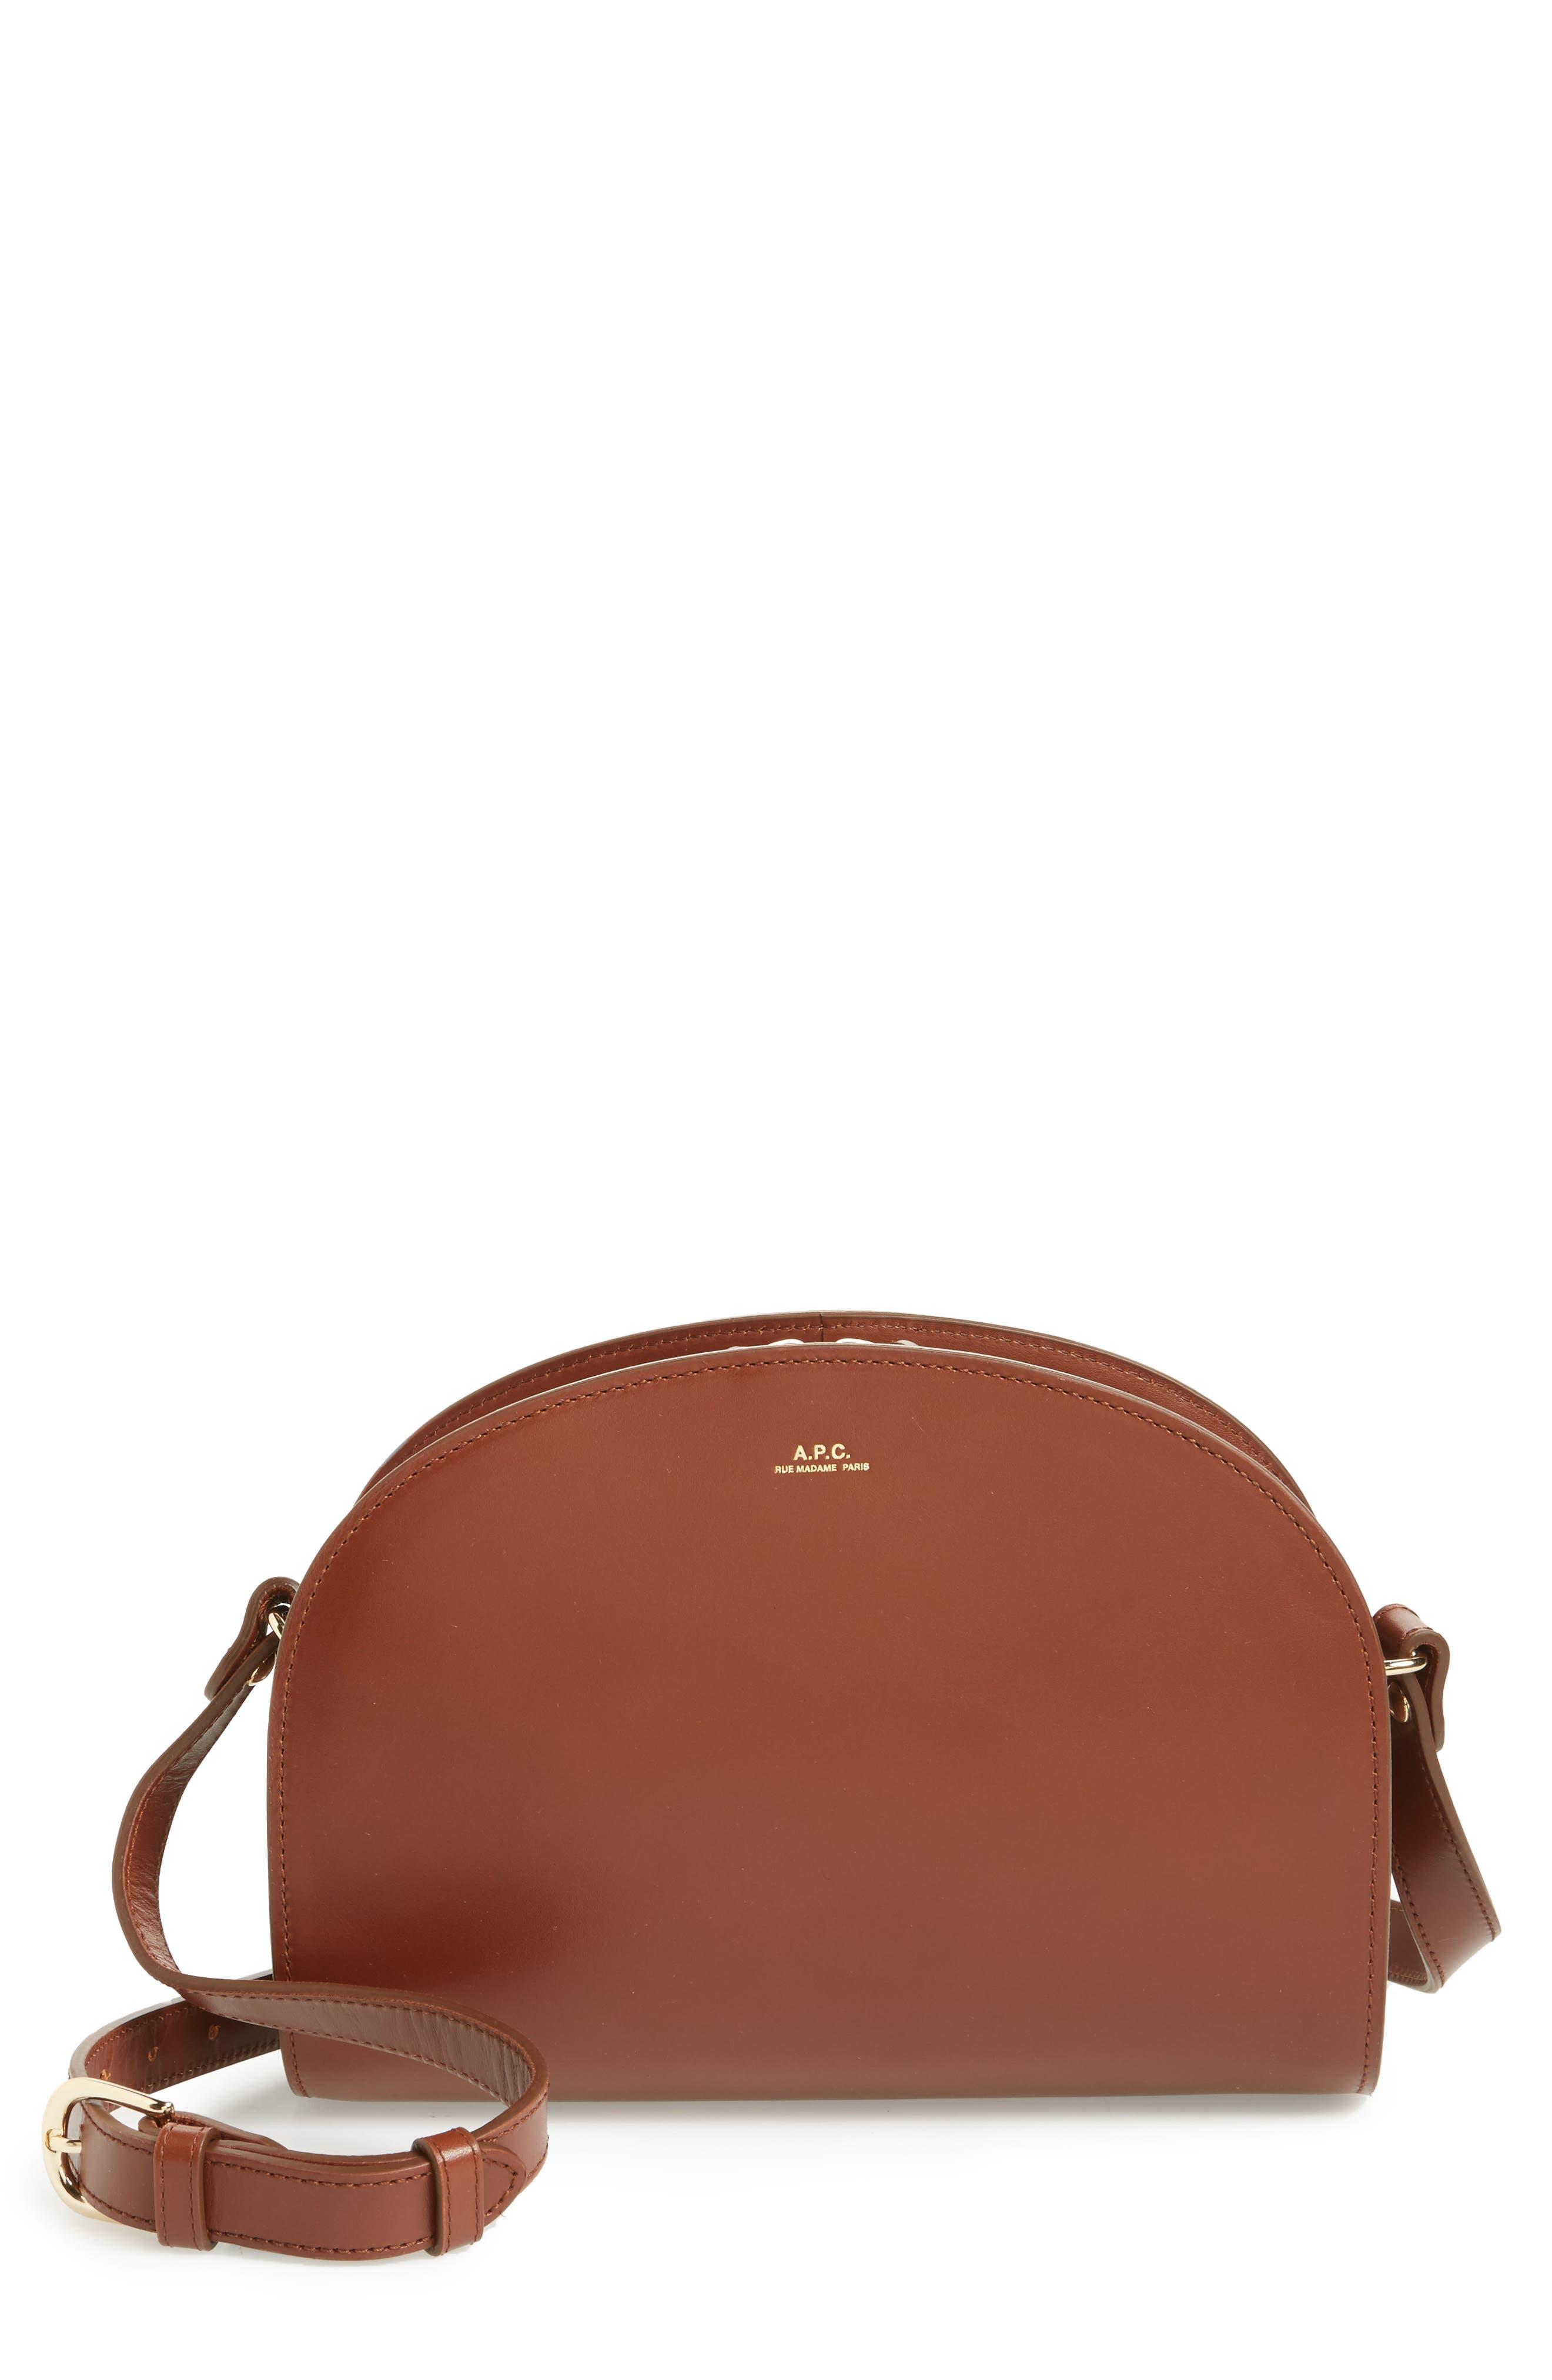 A.P.C., 'Sac Demi Lune' Leather Crossbody Bag, Main thumbnail 1, color, NOISETTE